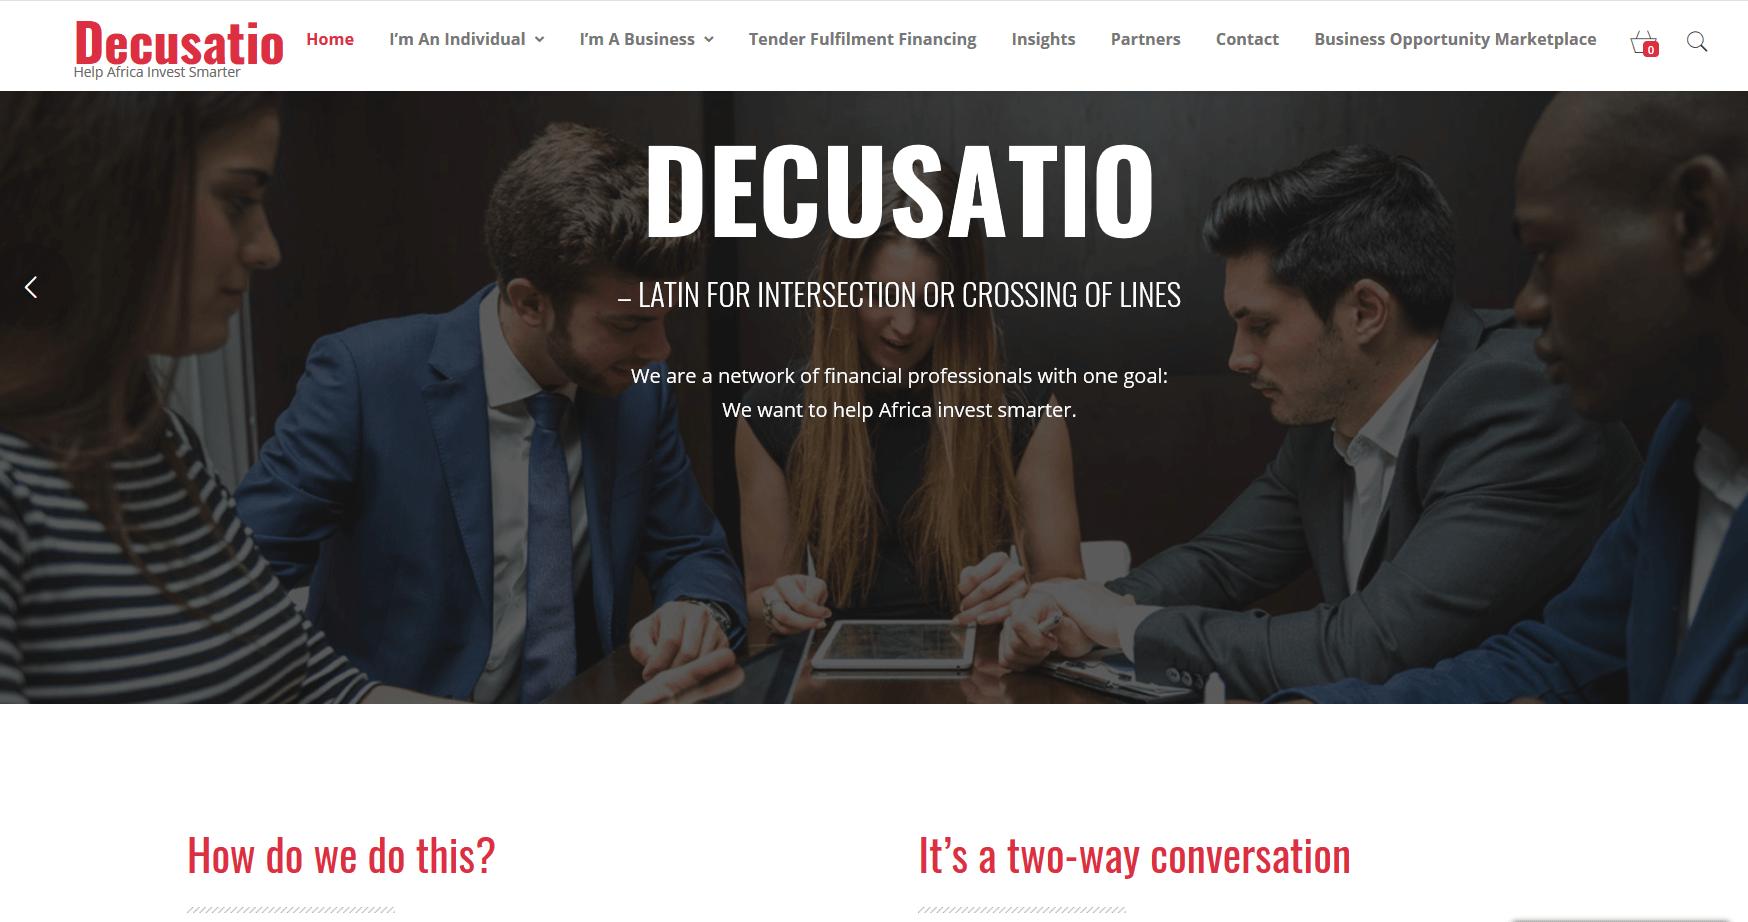 Decusatio